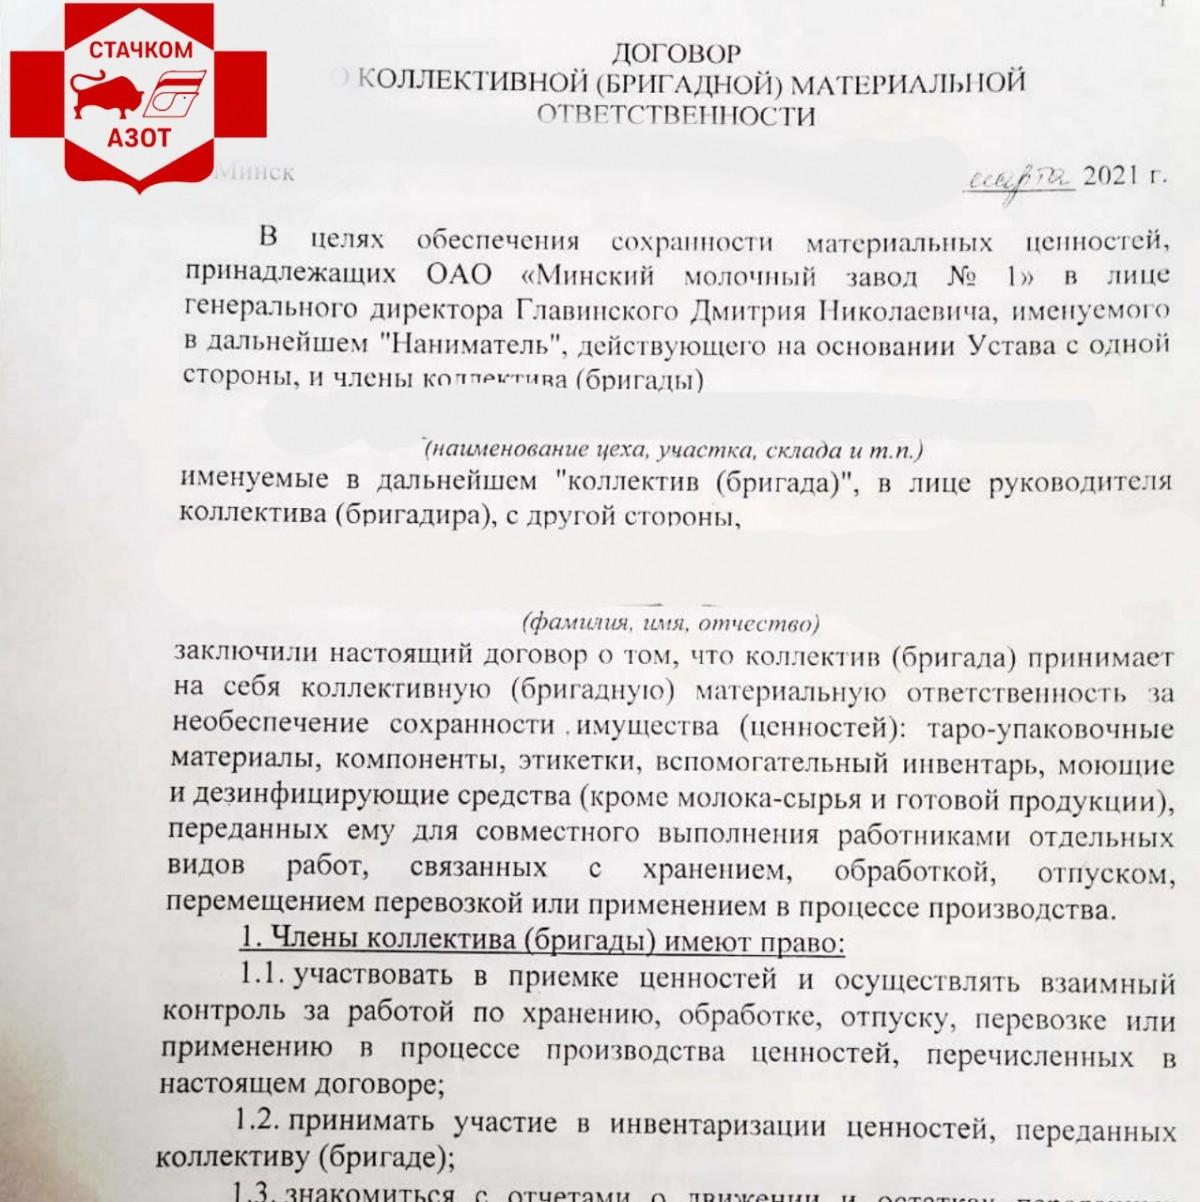 На Минском молочном заводе №1 активно увольняются работники. Что произошло